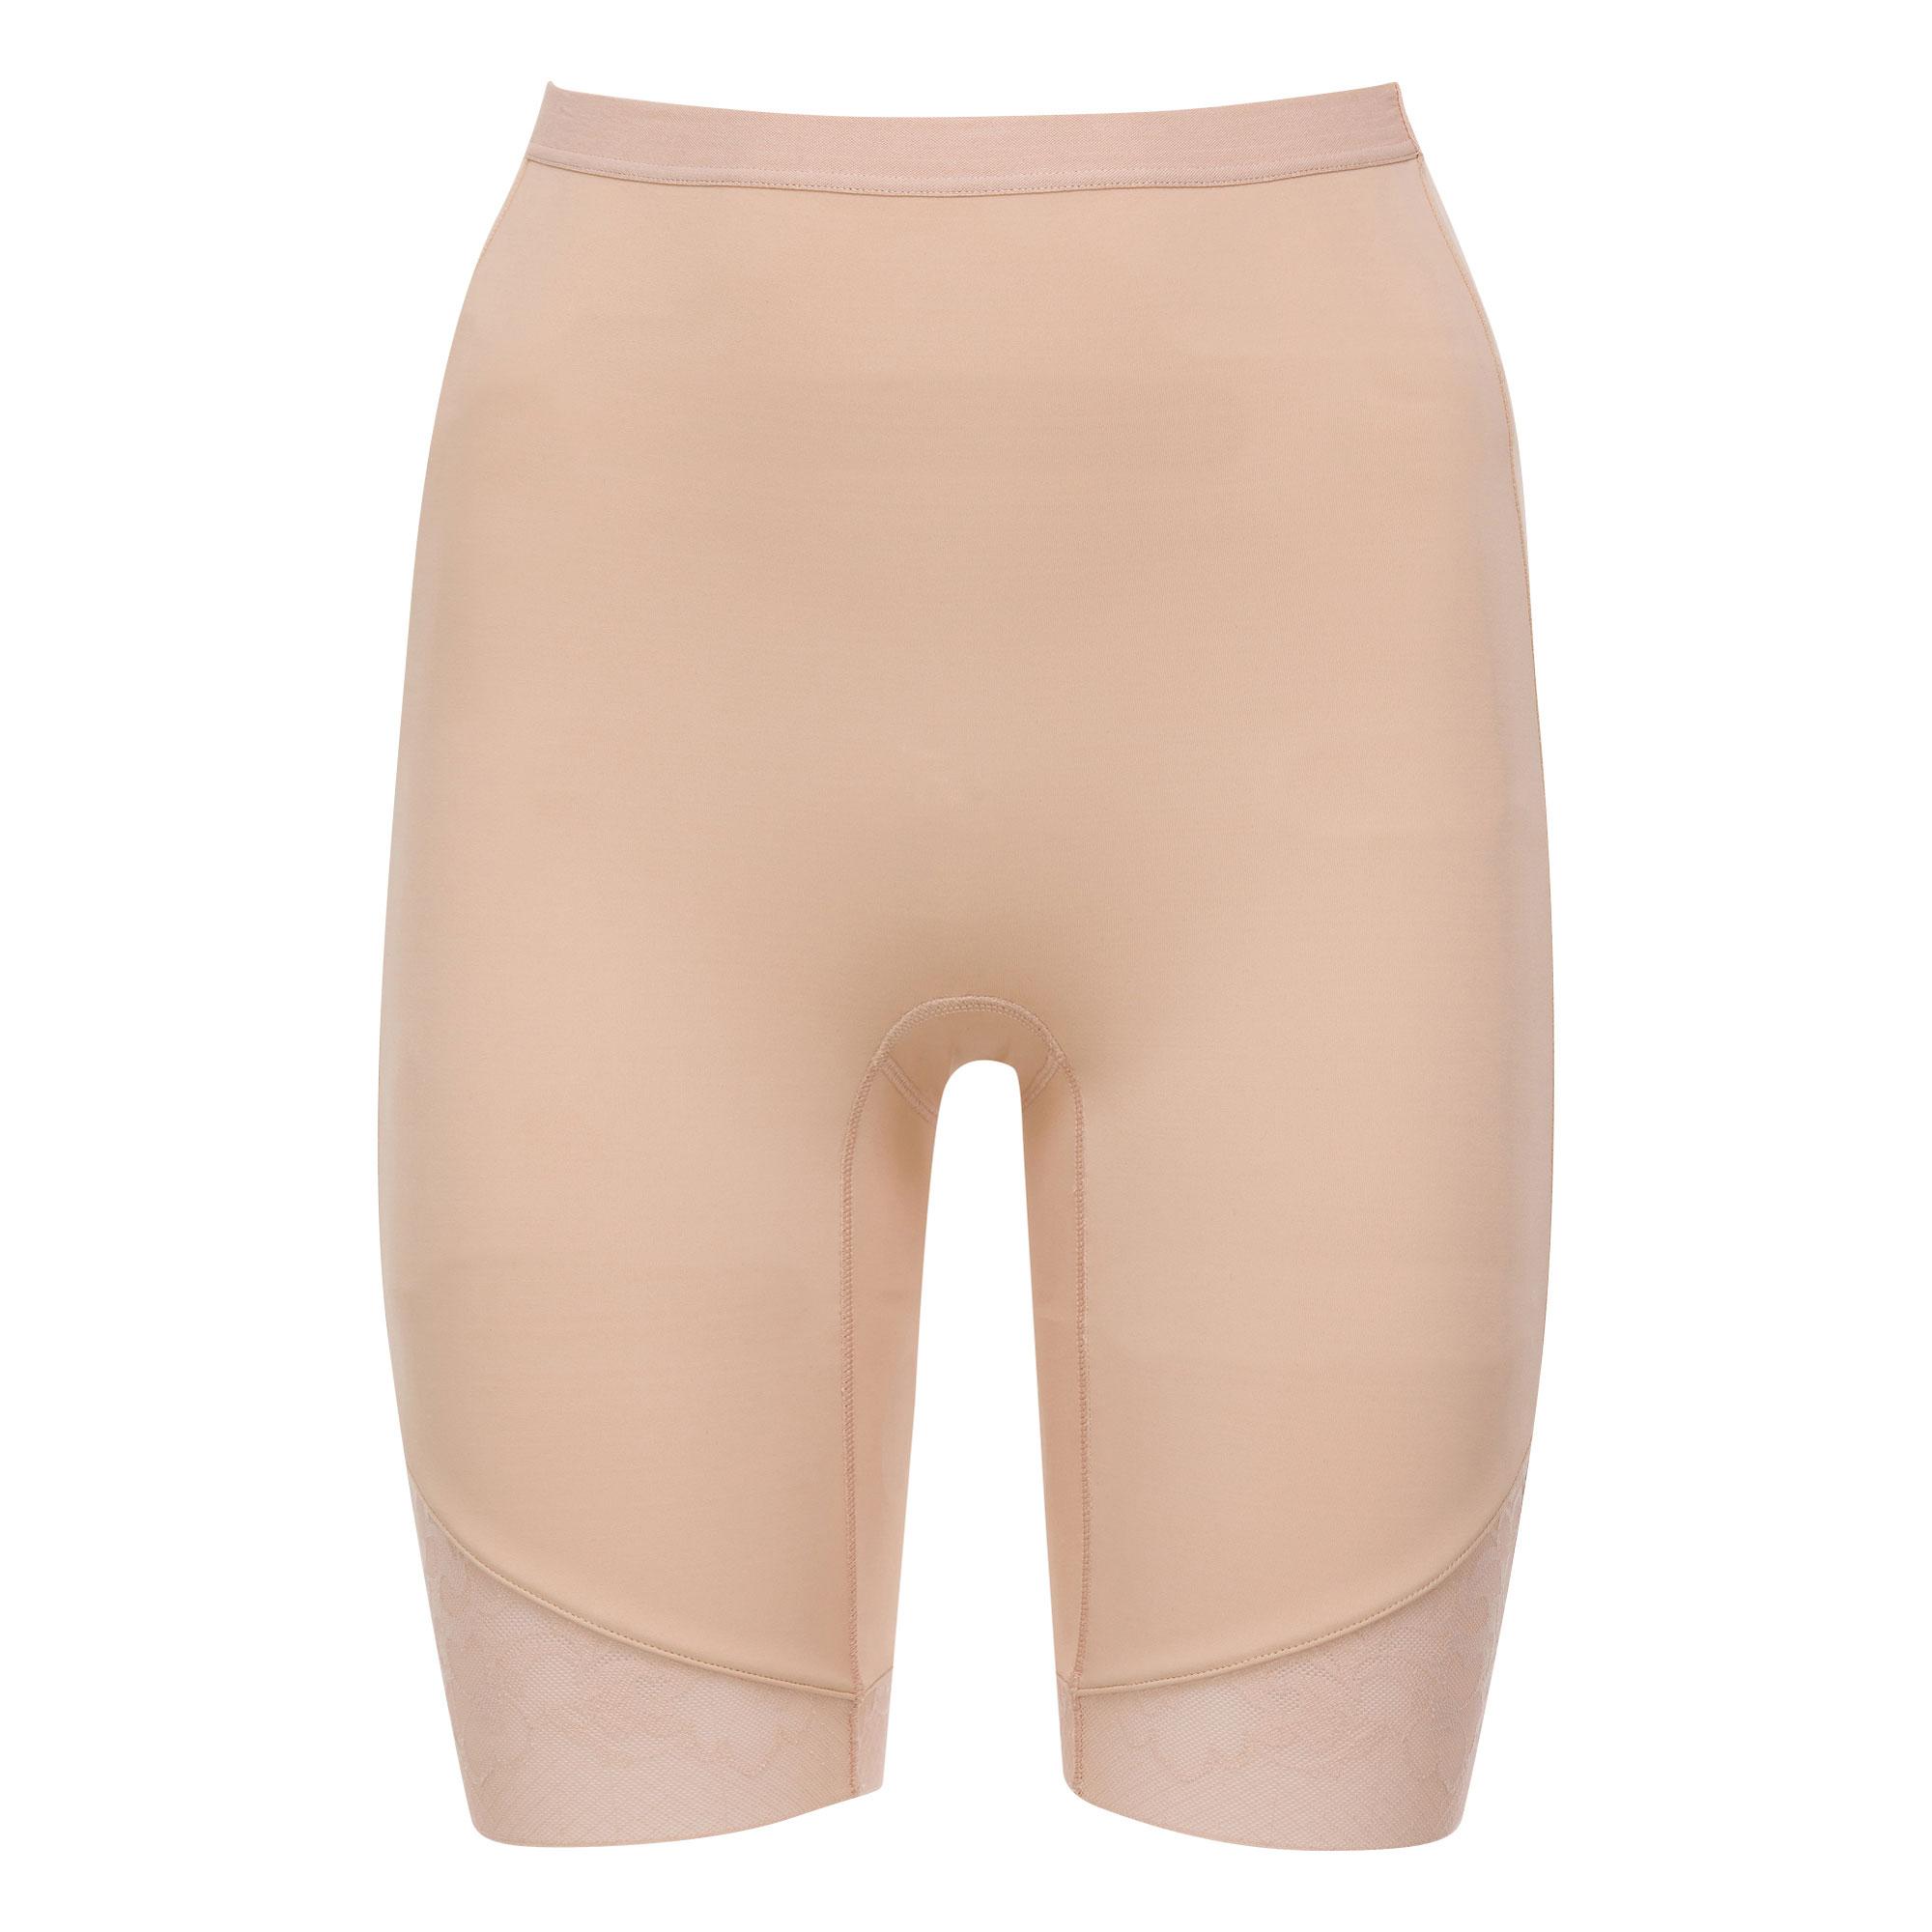 Panty beige Expert in Silhouette, , PLAYTEX